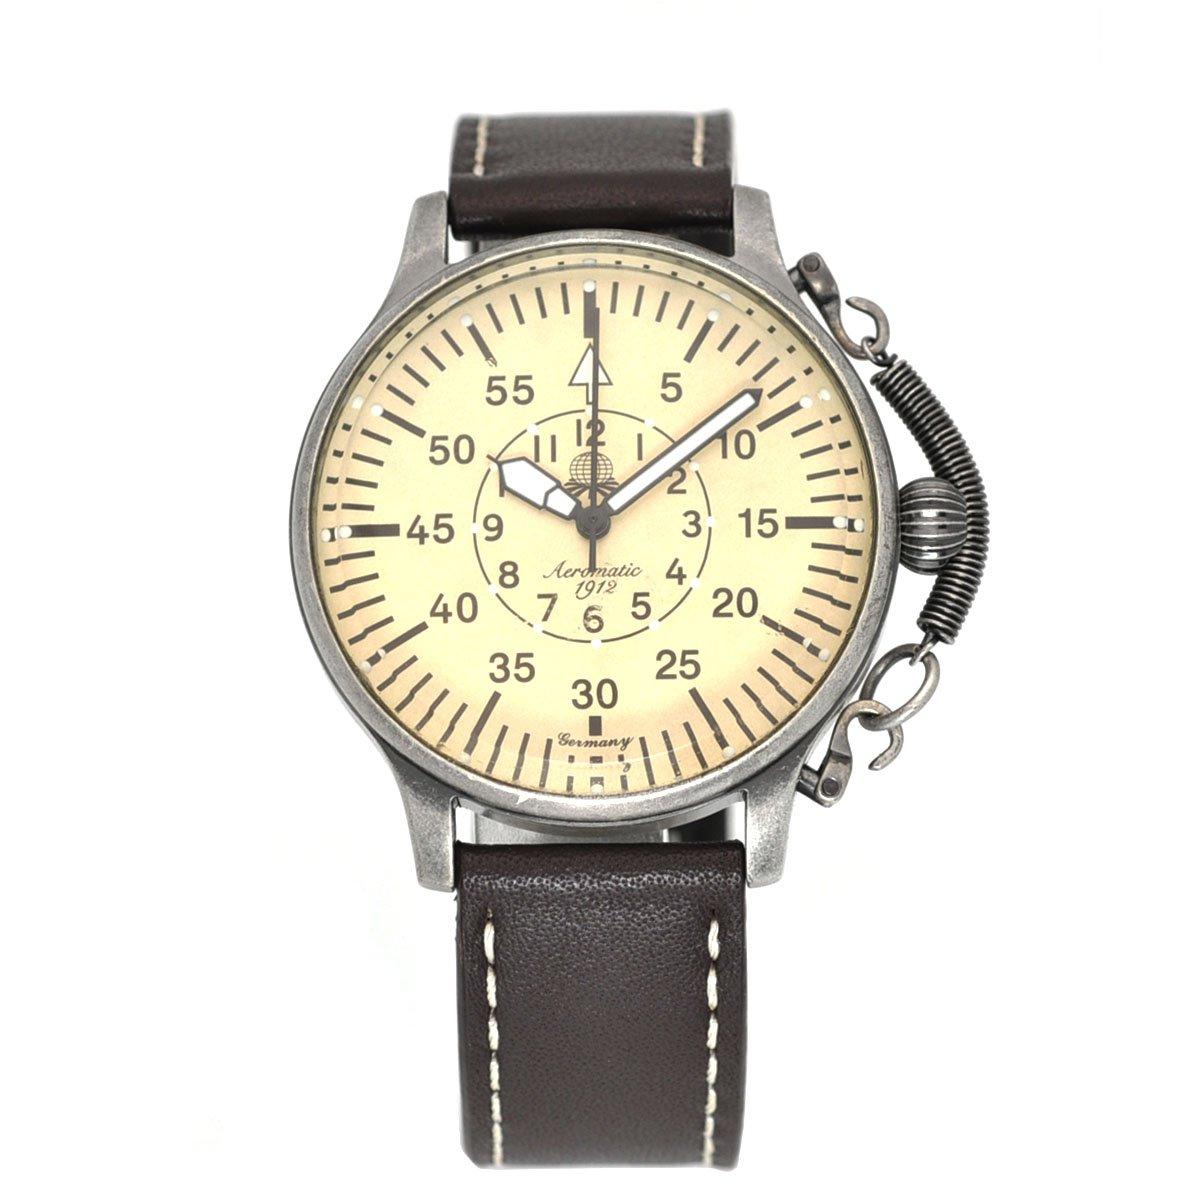 エアロマチック1912 腕時計 二戦 ドイツ 航空 偵察員 復刻 A1258 [並行輸入品] B00EEYE08G